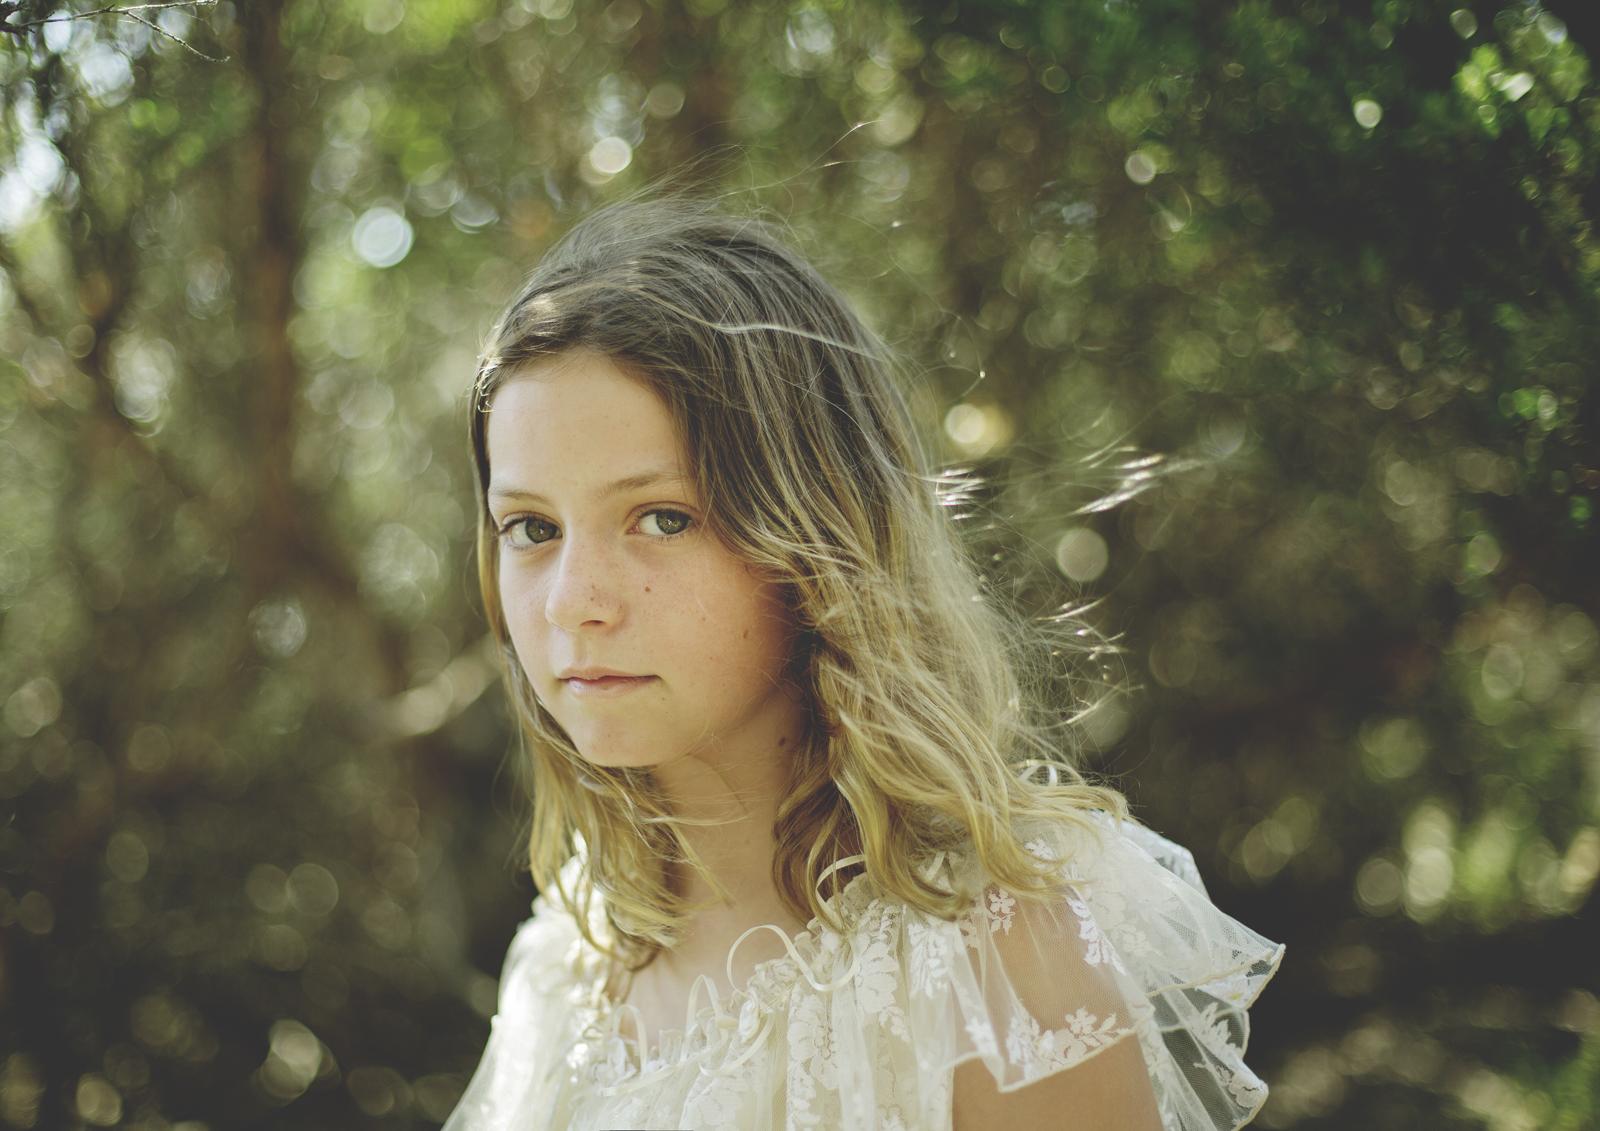 Melbourne Fine Art Photography of Tweens & Teenagers